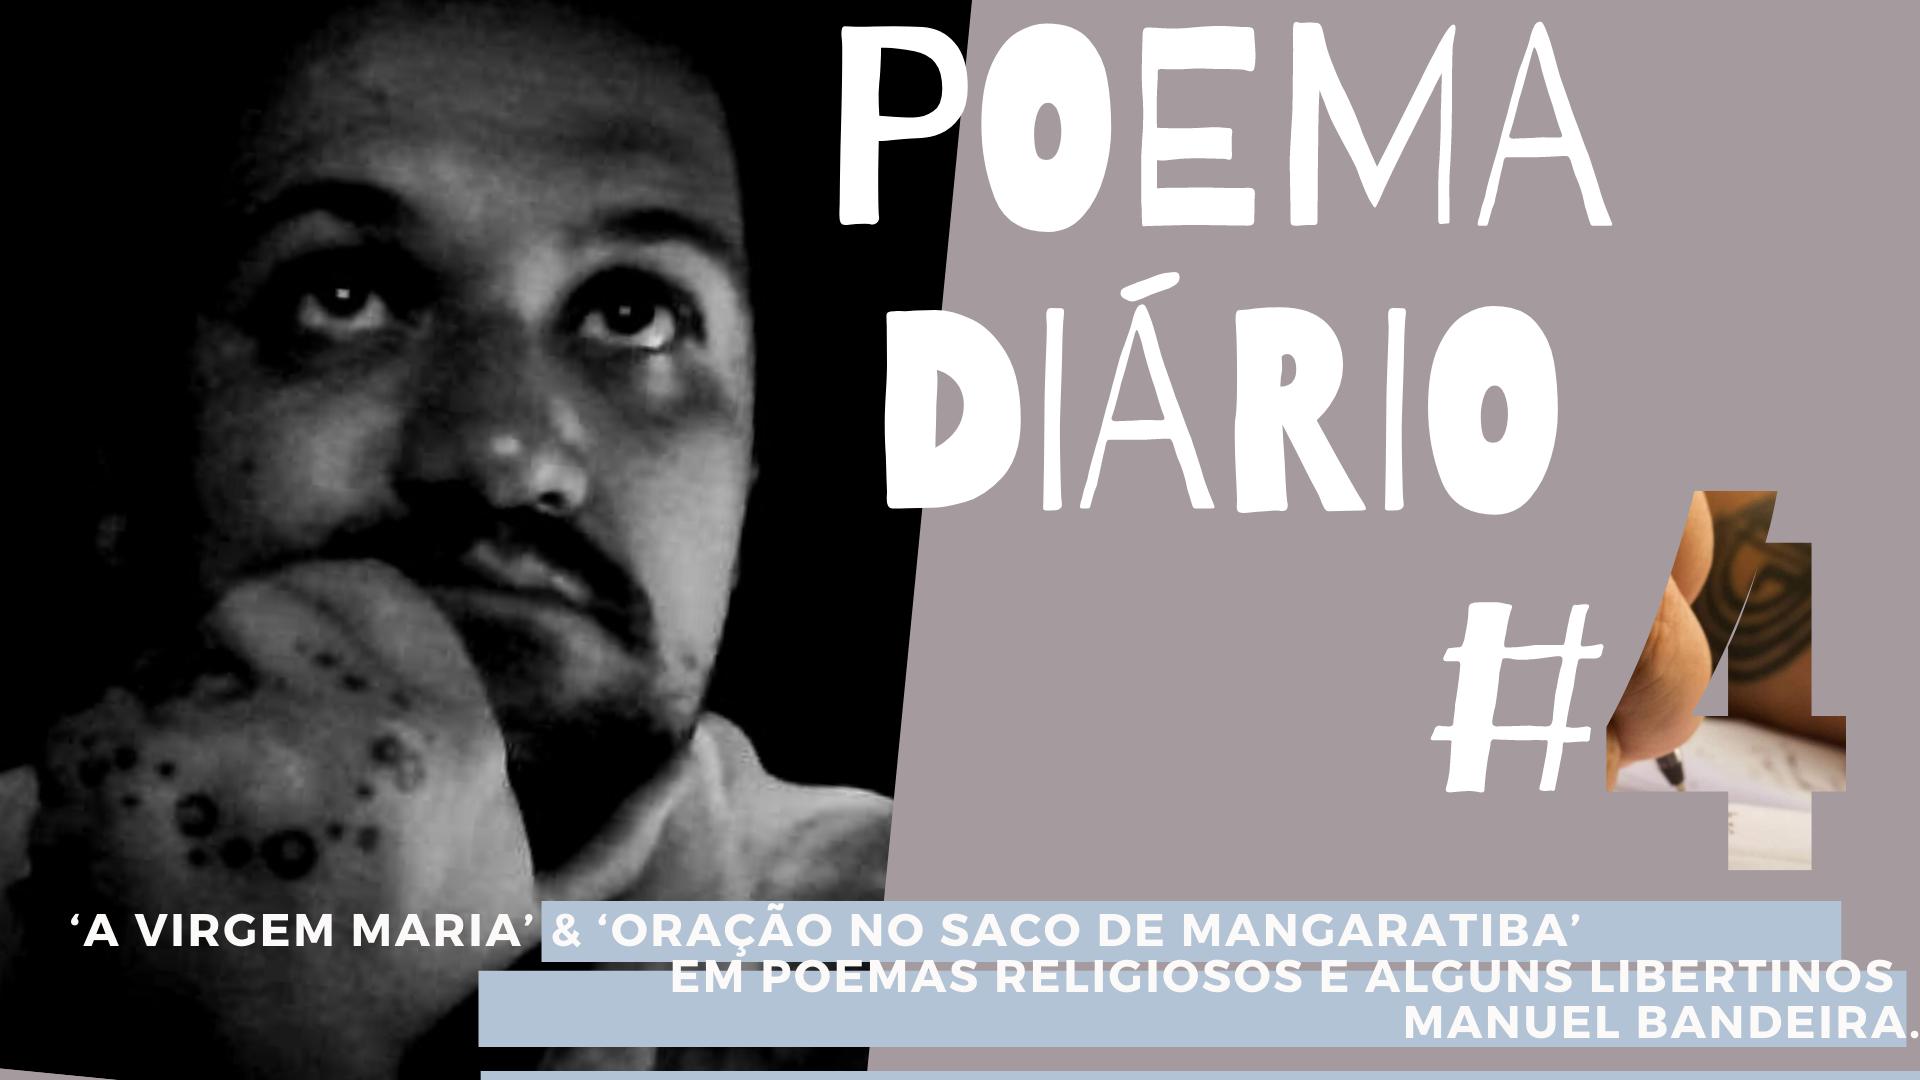 POEMA DIÁRIO (2)